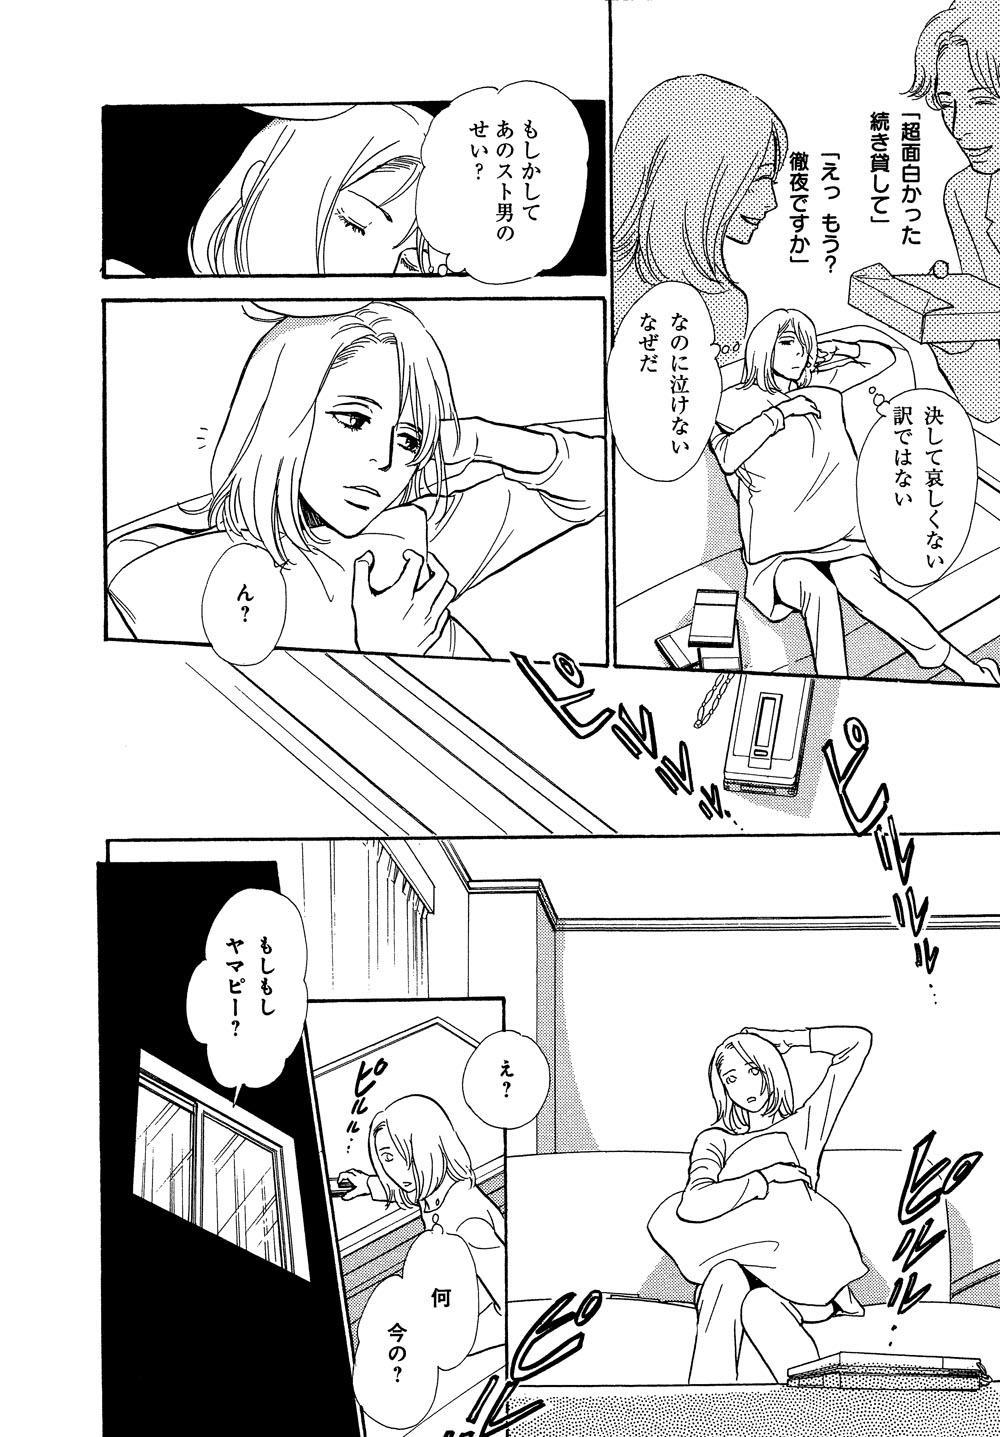 hyakki_0020_0012.jpg